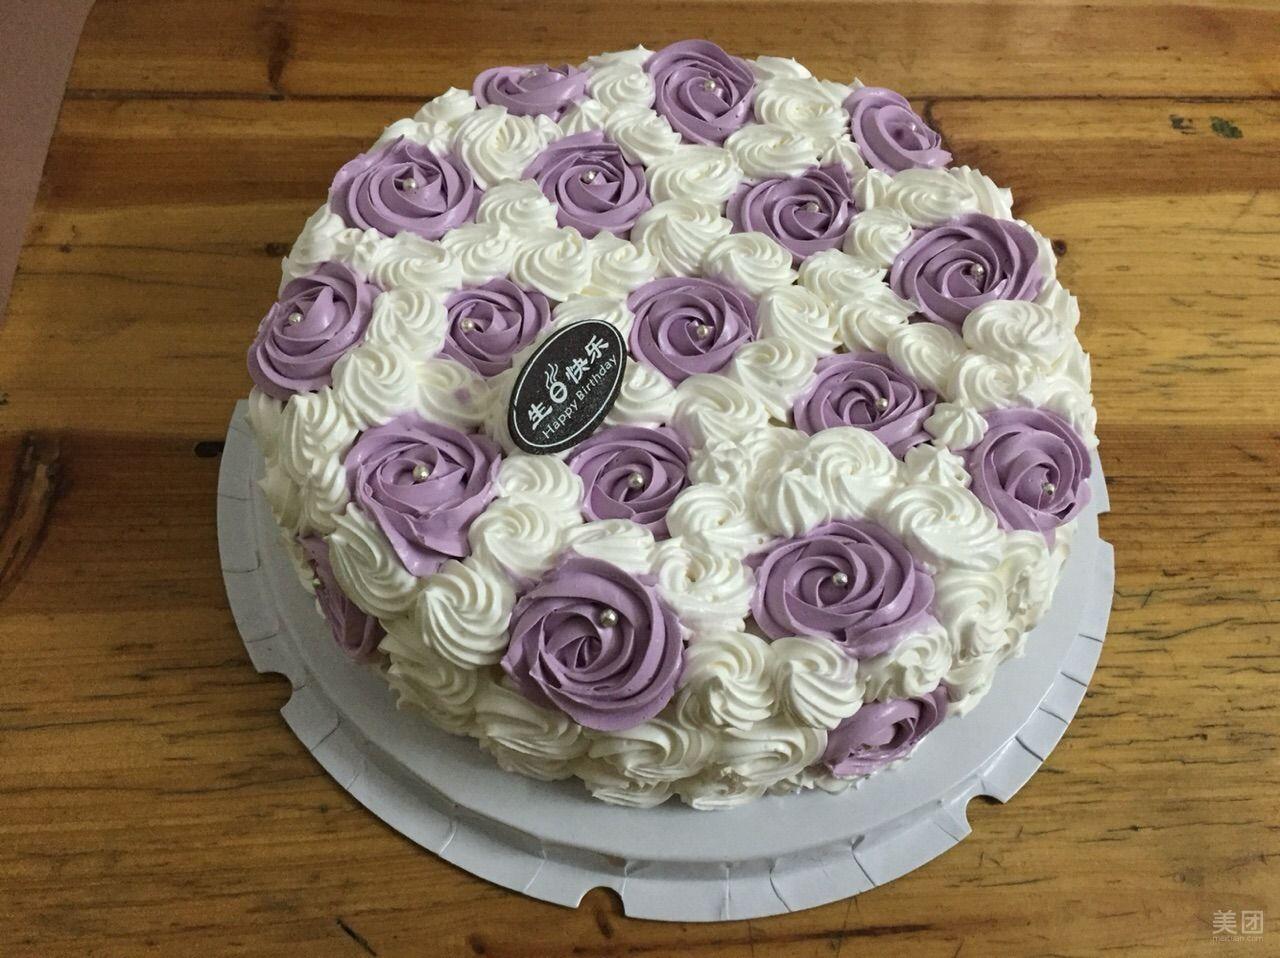 生日创意蛋糕坊地址_电话图片